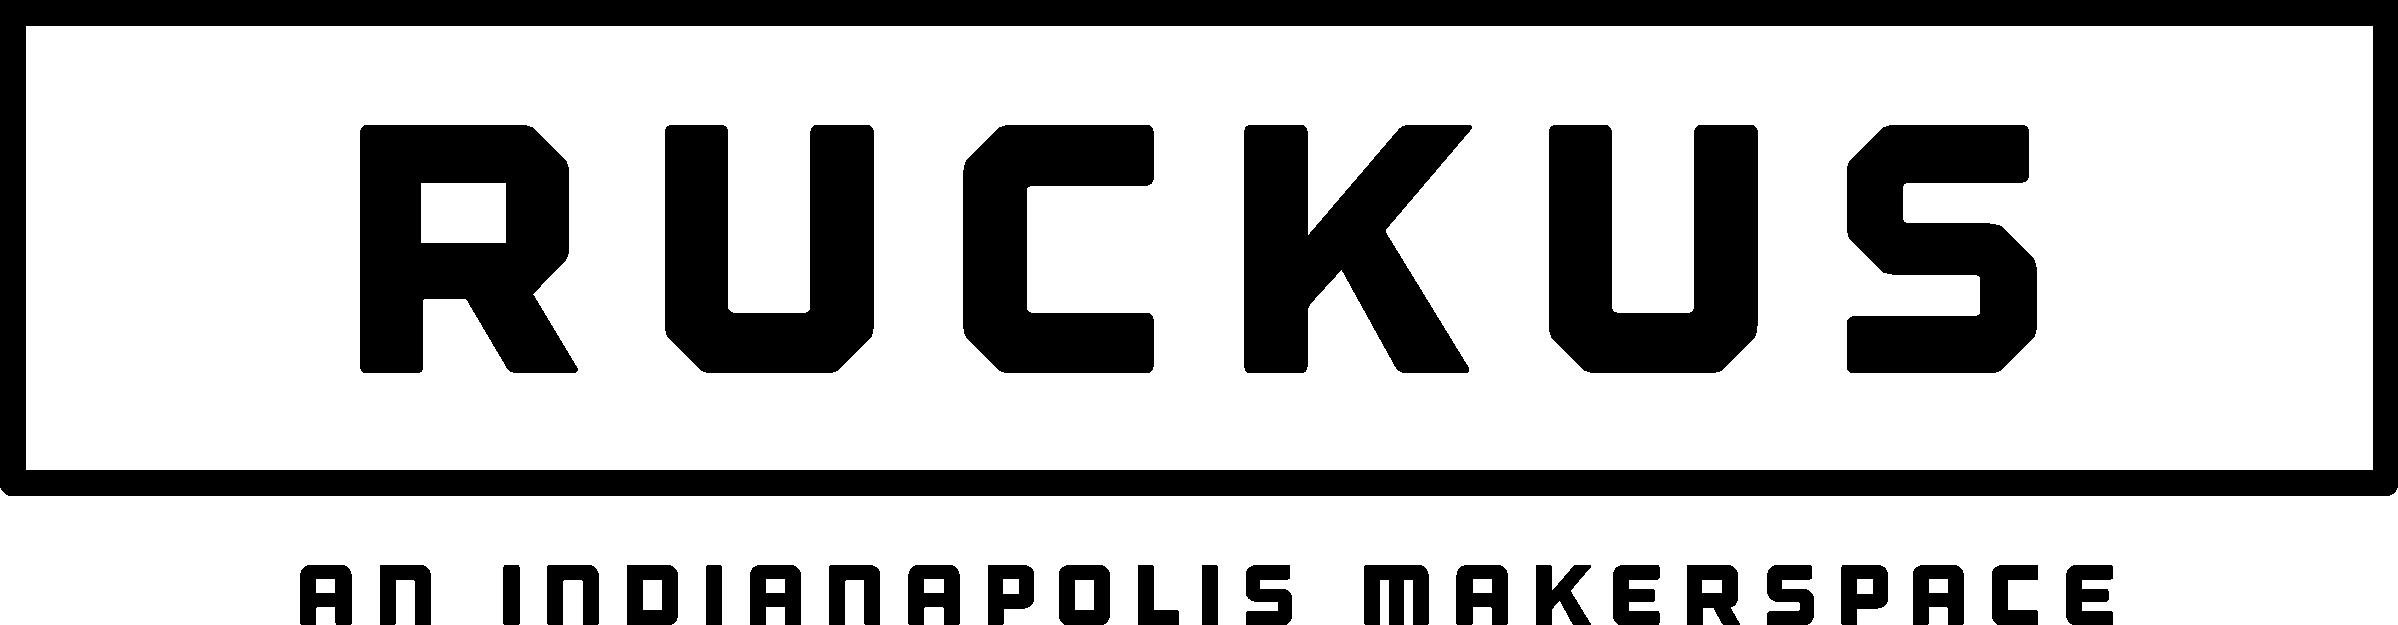 ruckus_logo_black.png